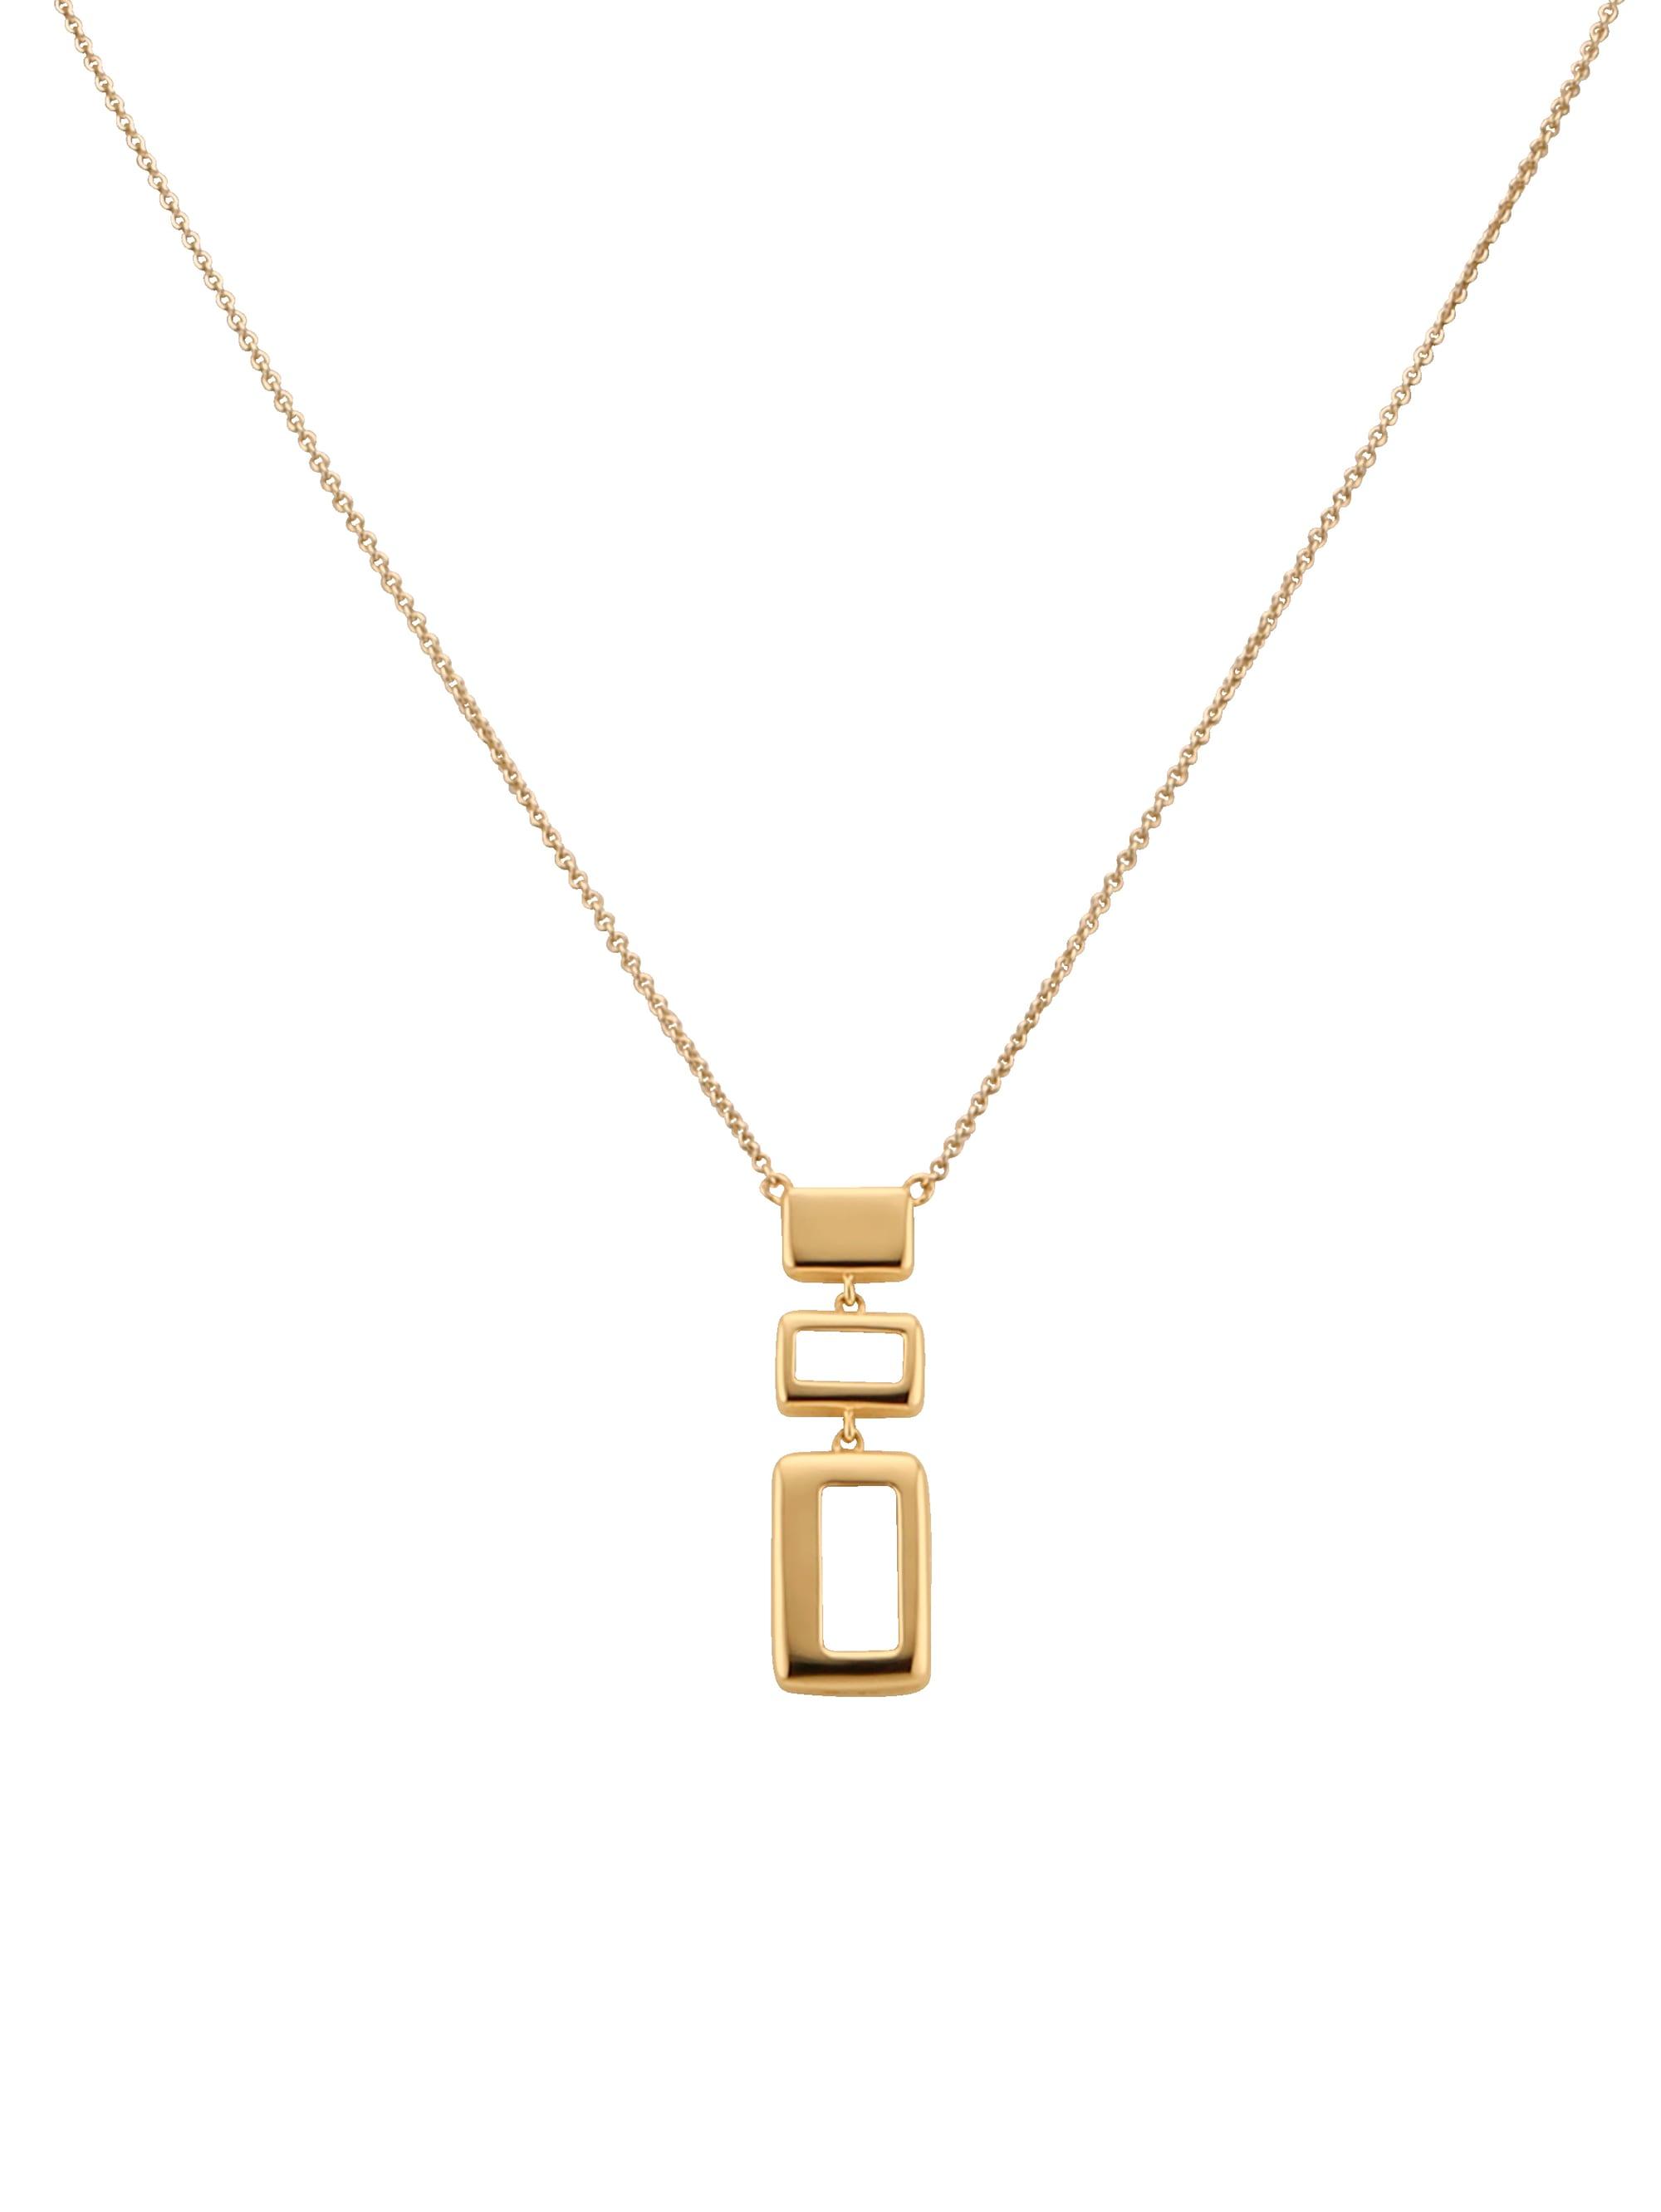 Diemer Gold Collier in Gelbgold 4BvEc